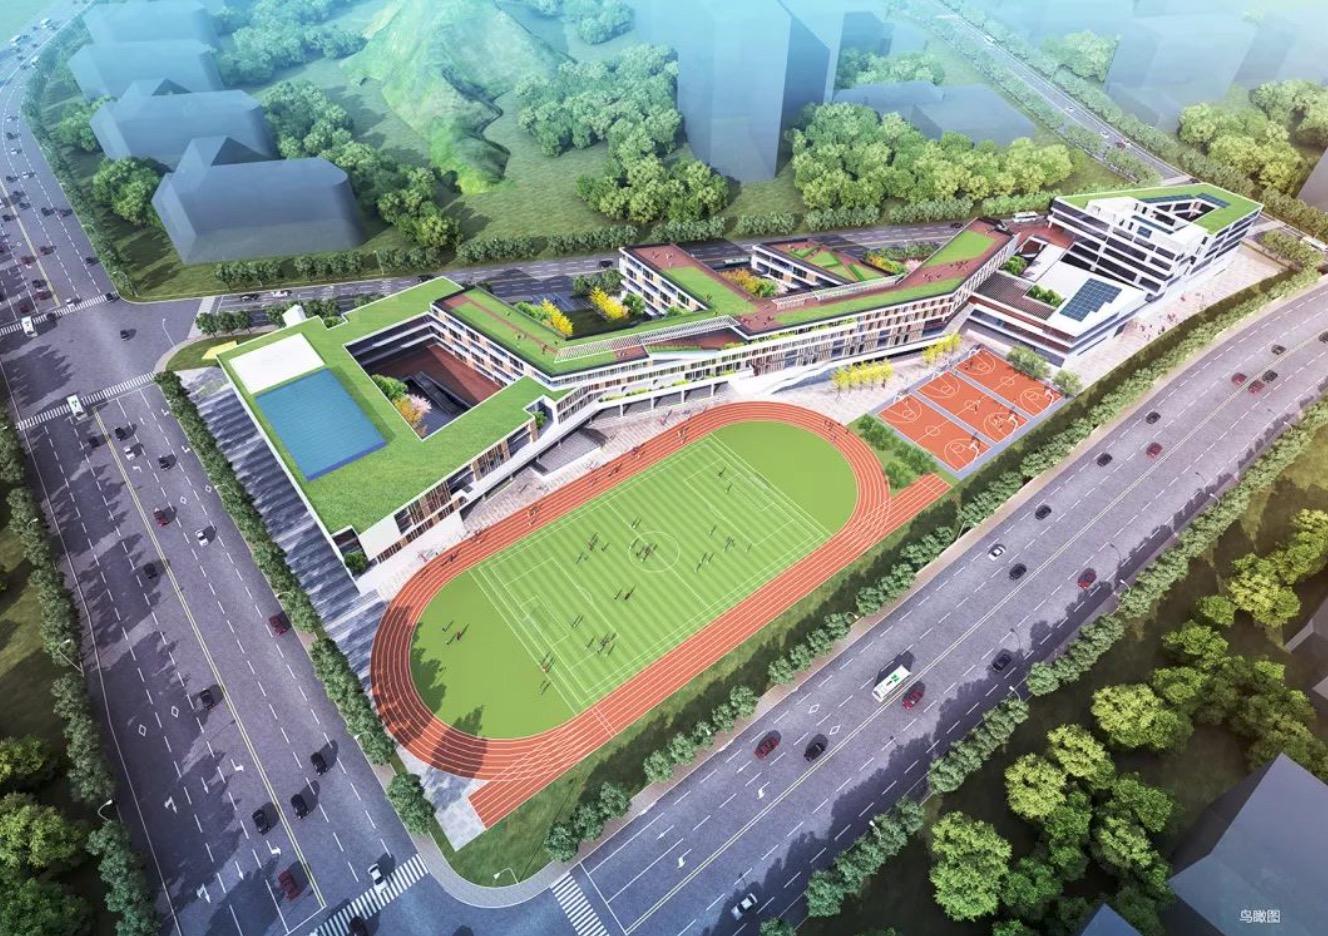 苏州雷丁学校预计2021年9月开学